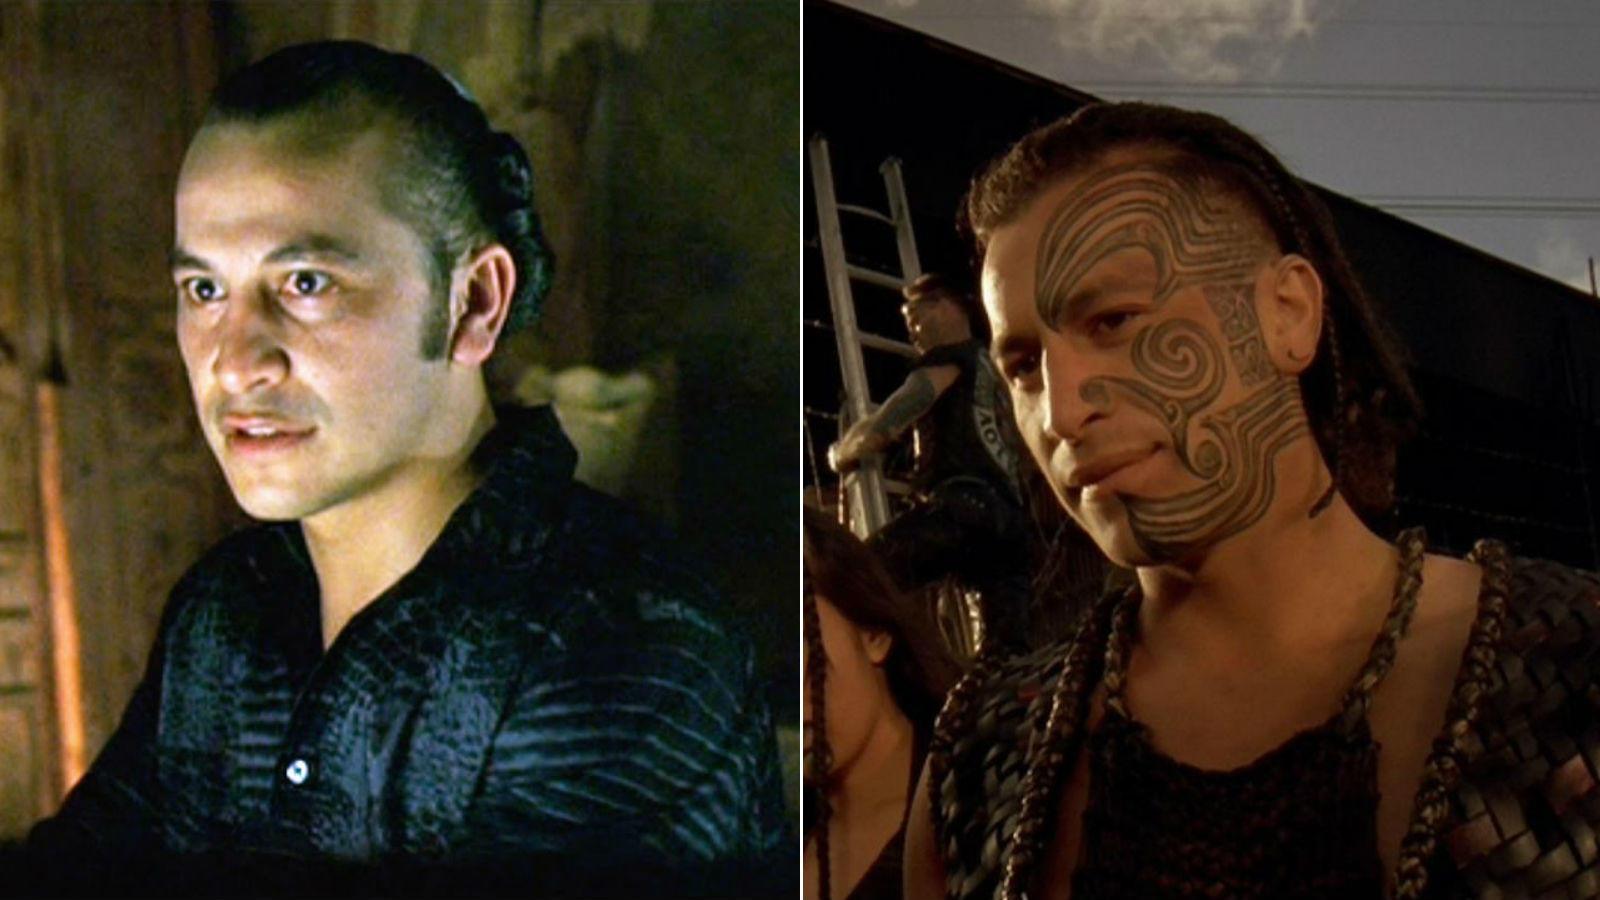 Julian Arahanga játszott még néhány kisebb szerepben a Mátrix után, de nem sokkal később átnyergelt a dokumentum műfajra, és most rendezőként készít fimeket. (Warner Bros./ Fine Line Features)